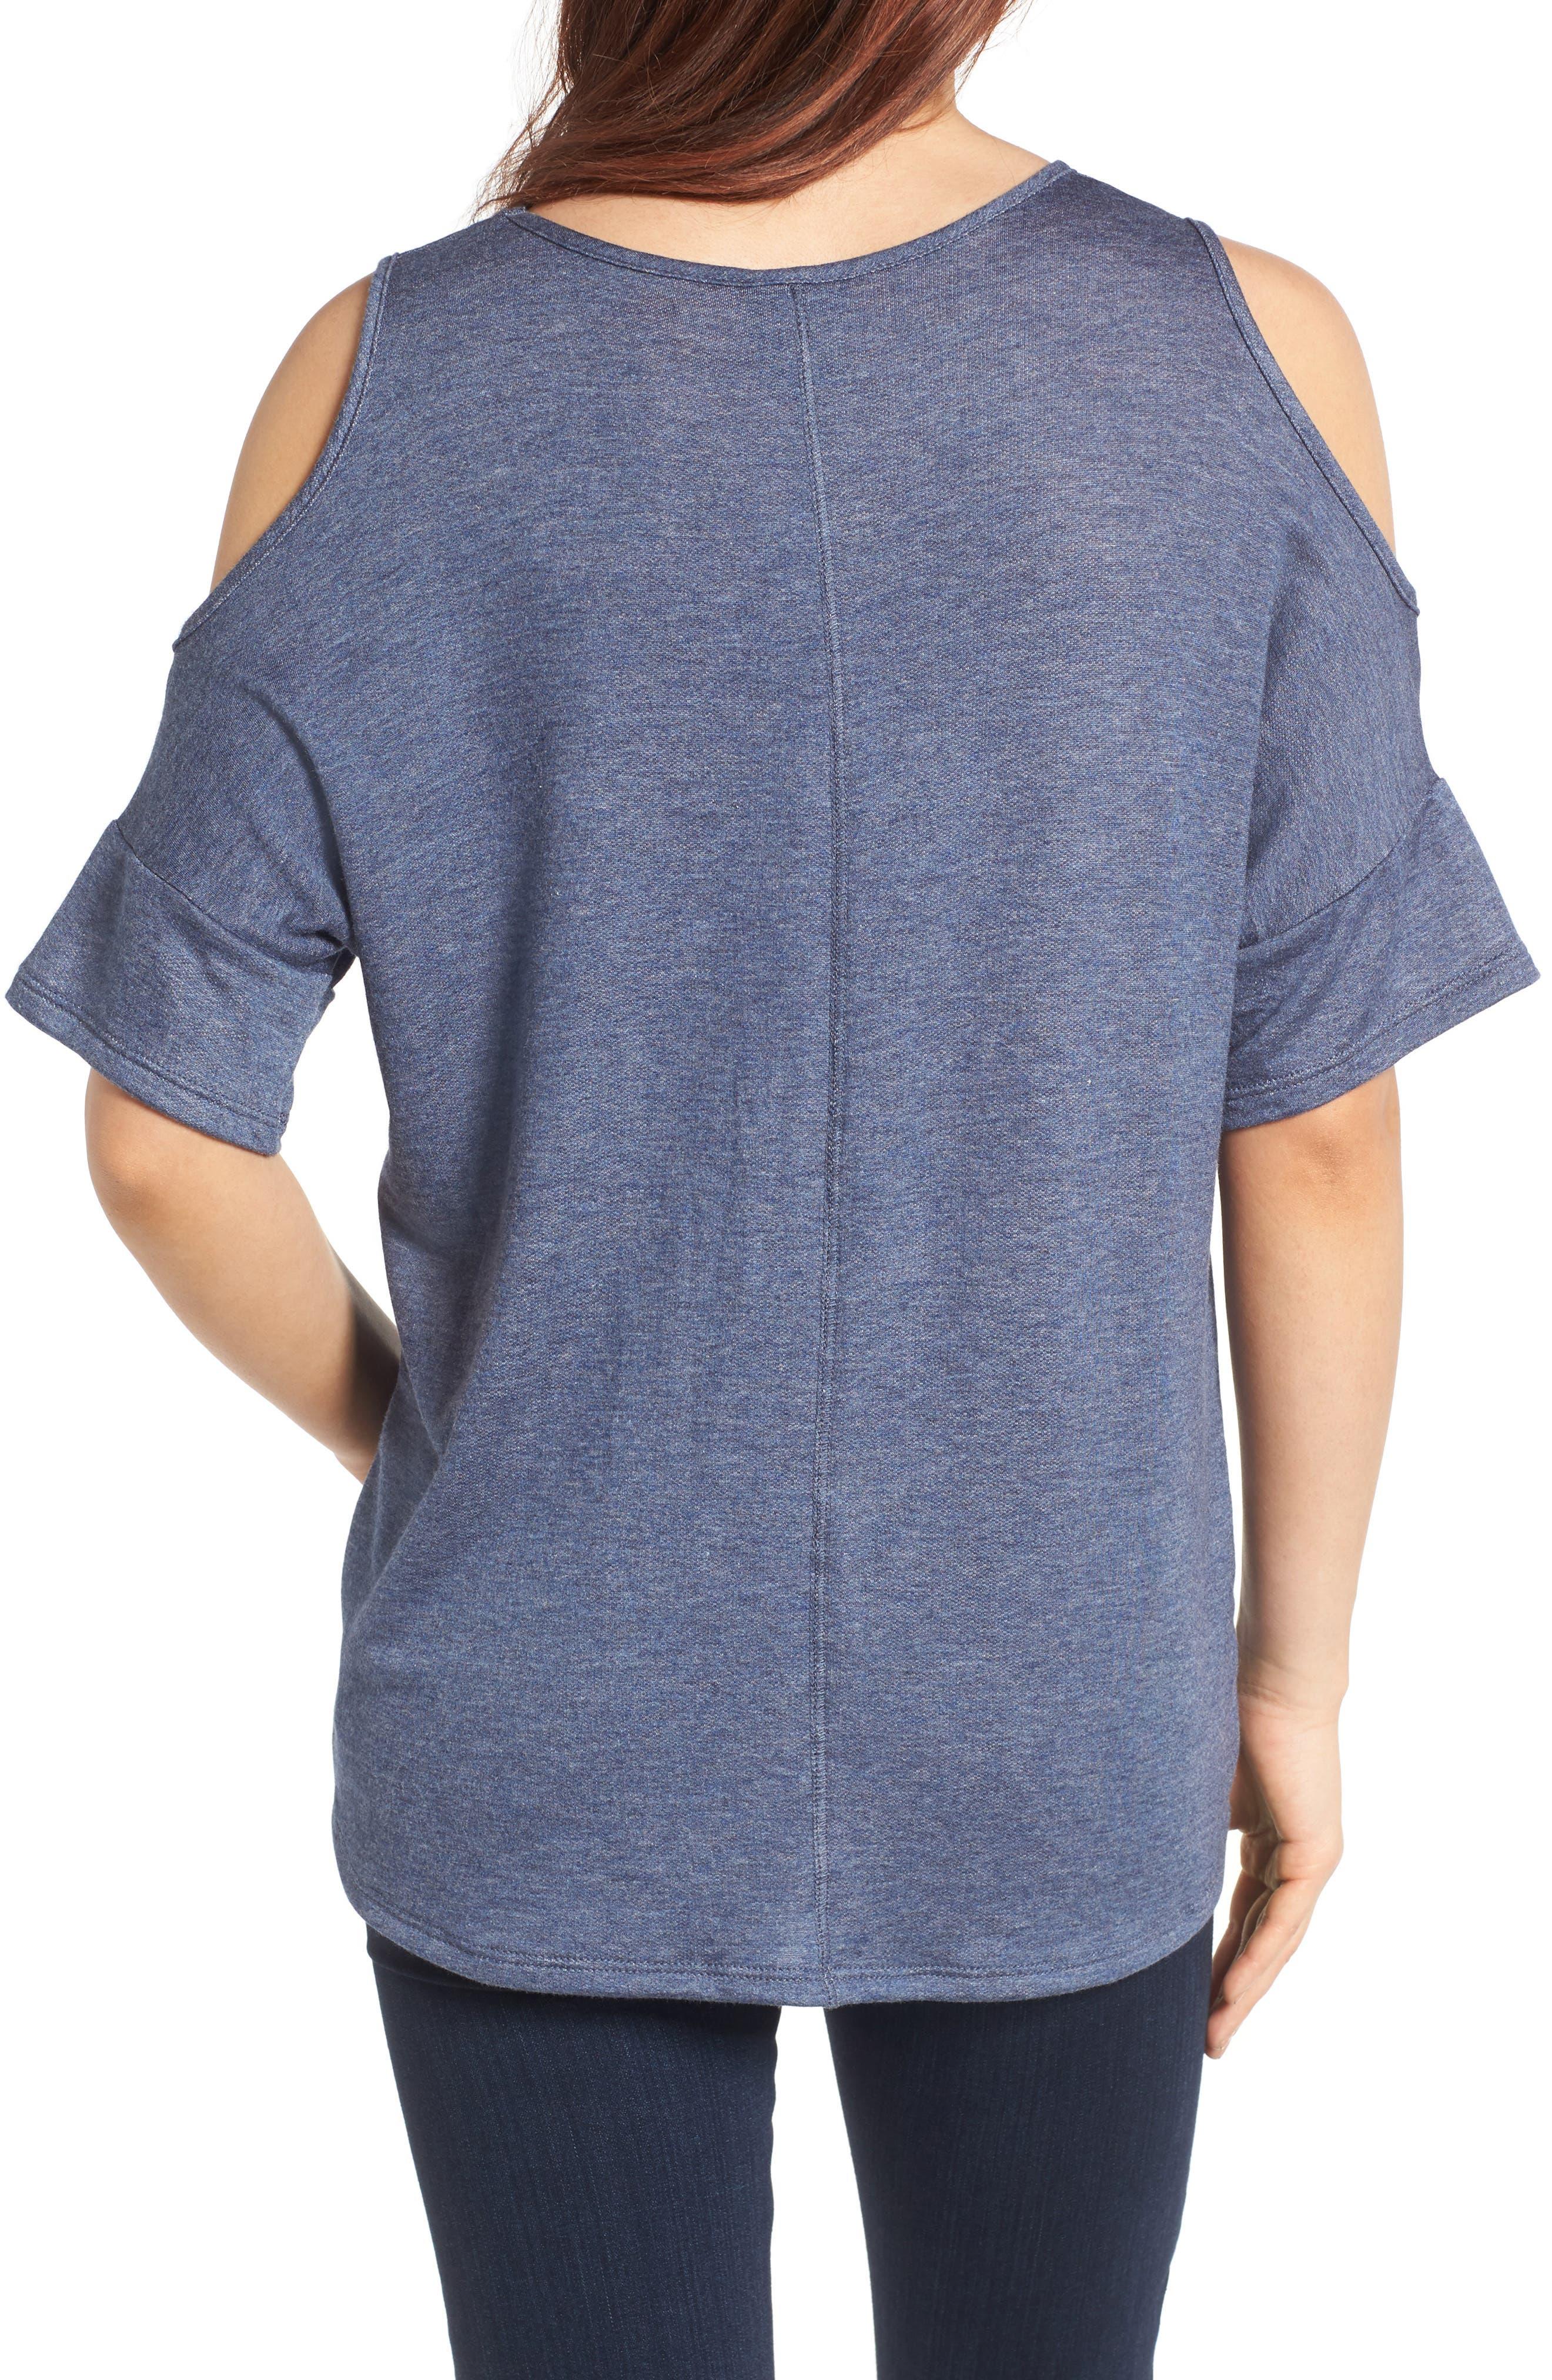 Alternate Image 2  - Bobeau High/Low Cold Shoulder Sweatshirt